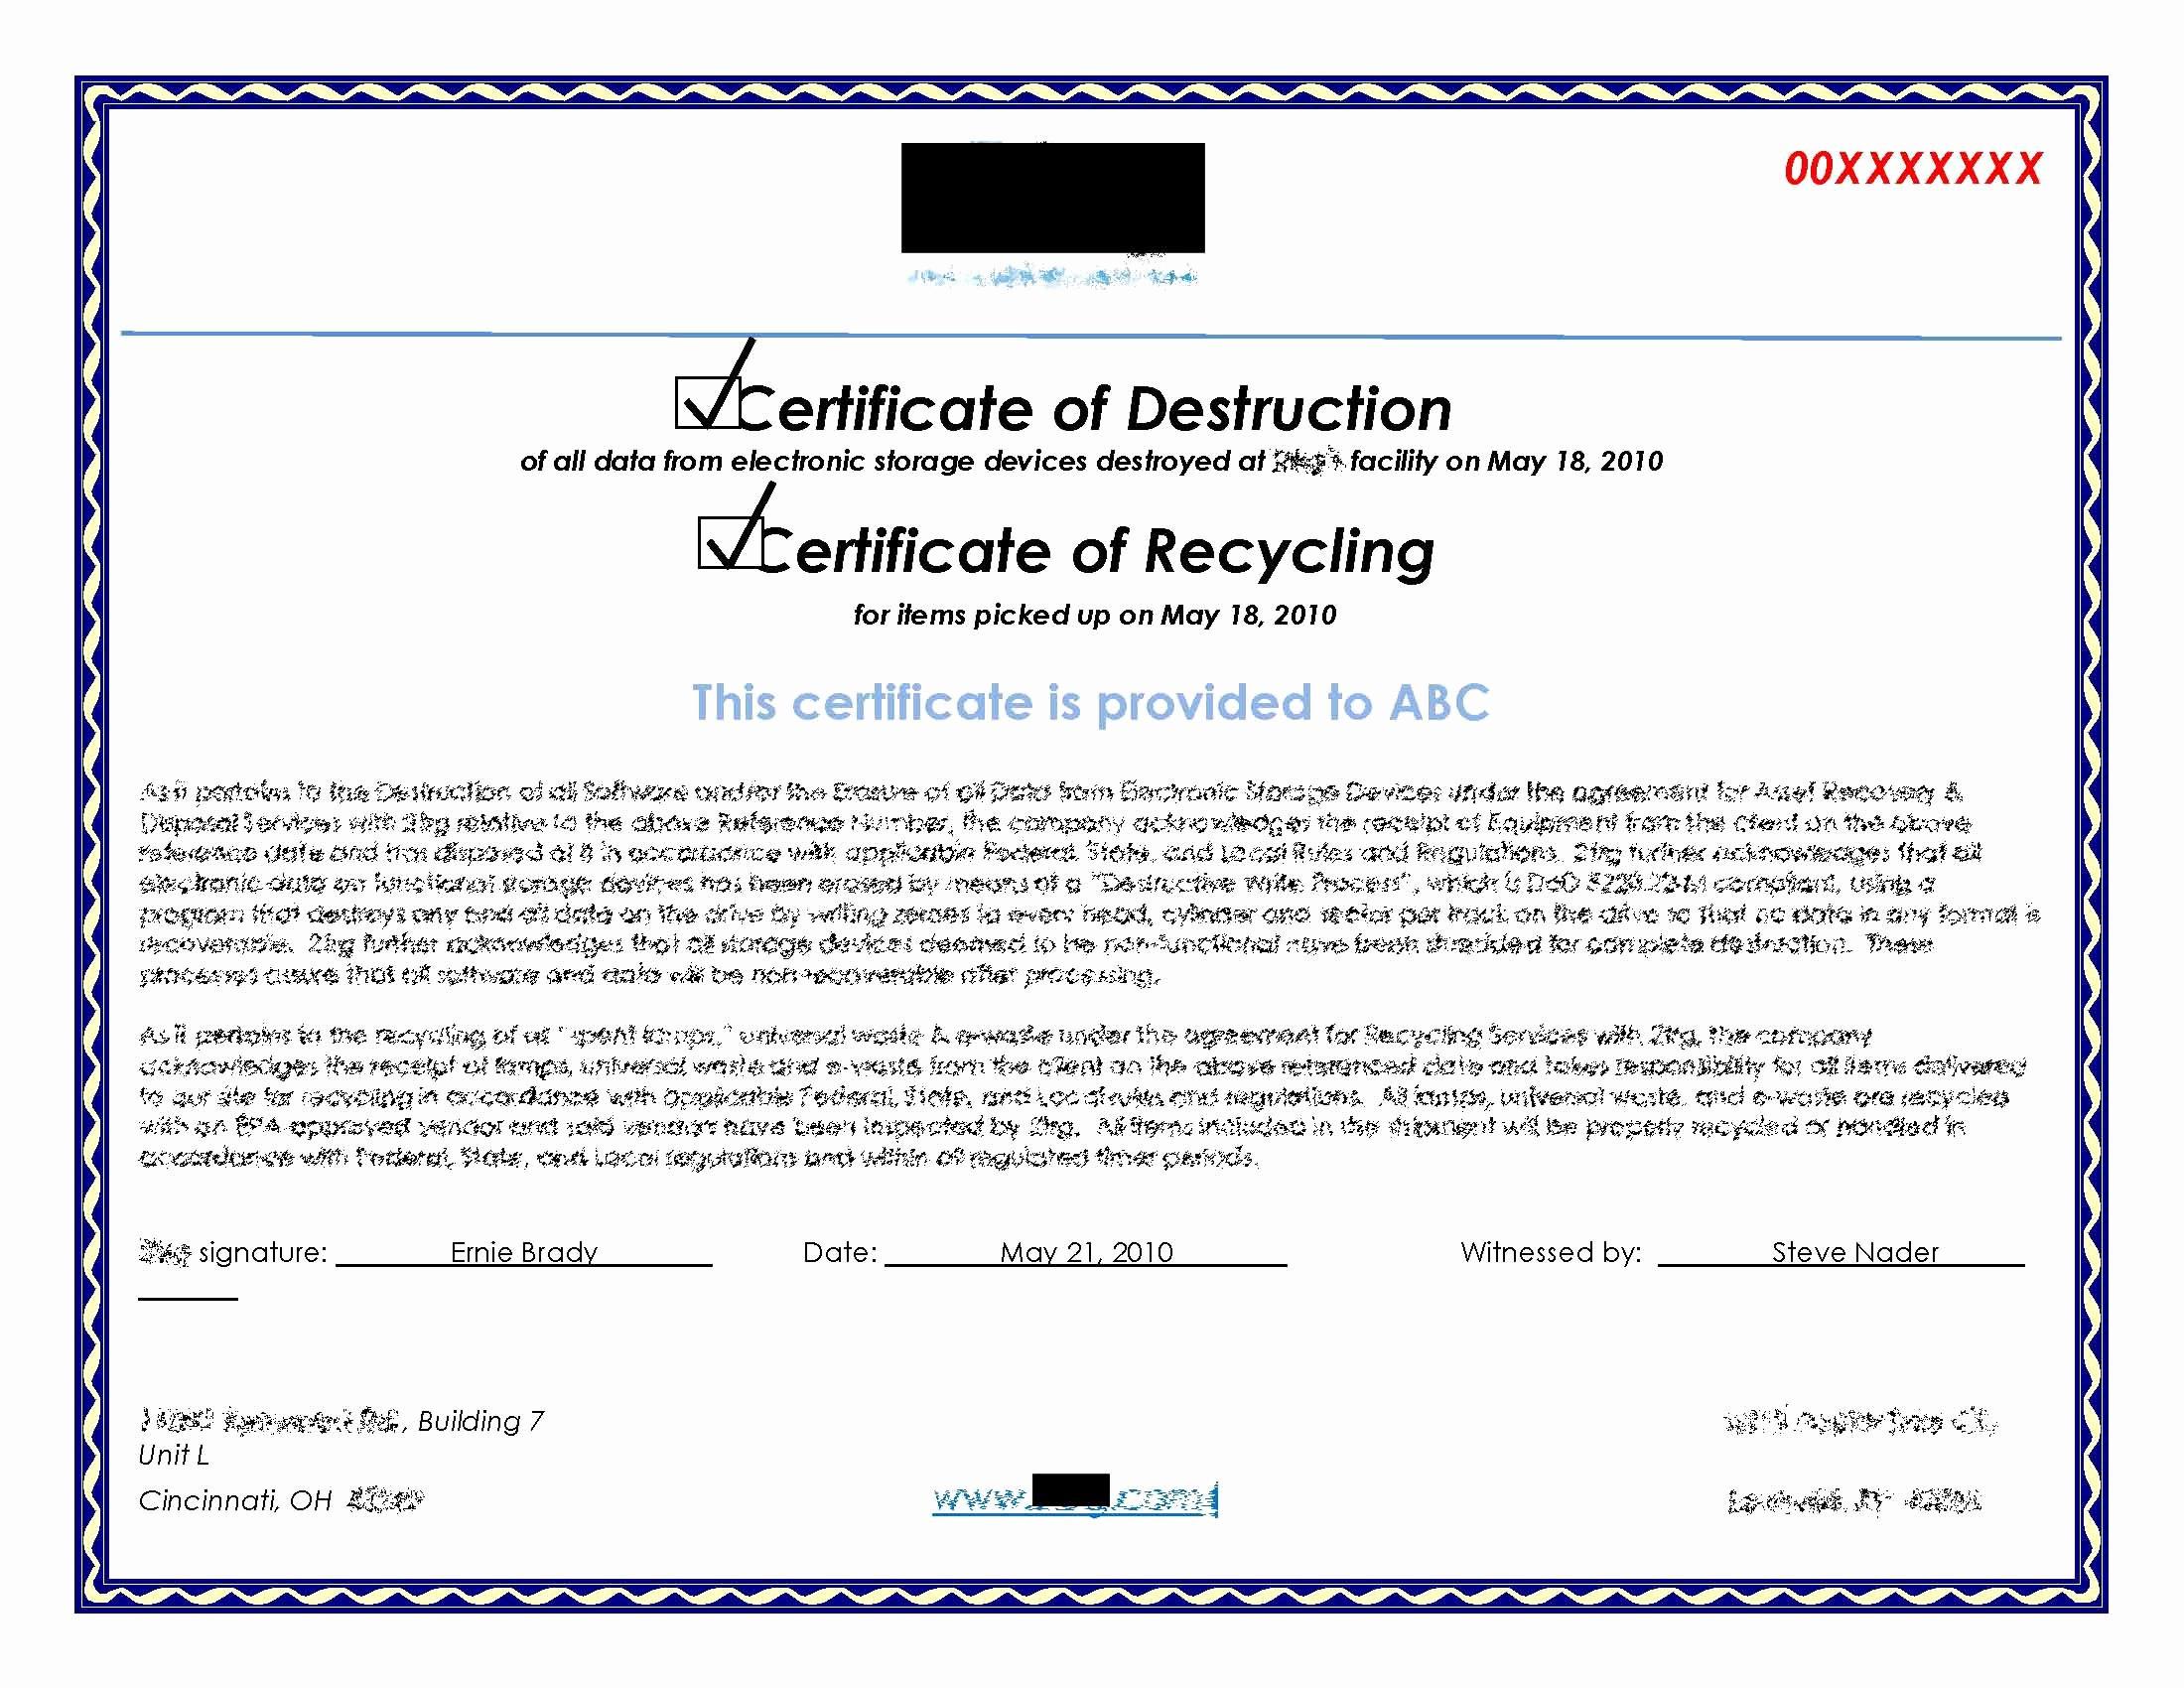 Free Certificate Of Destruction Template Unique Hard Drive Destruction for Copier Mfp Printers